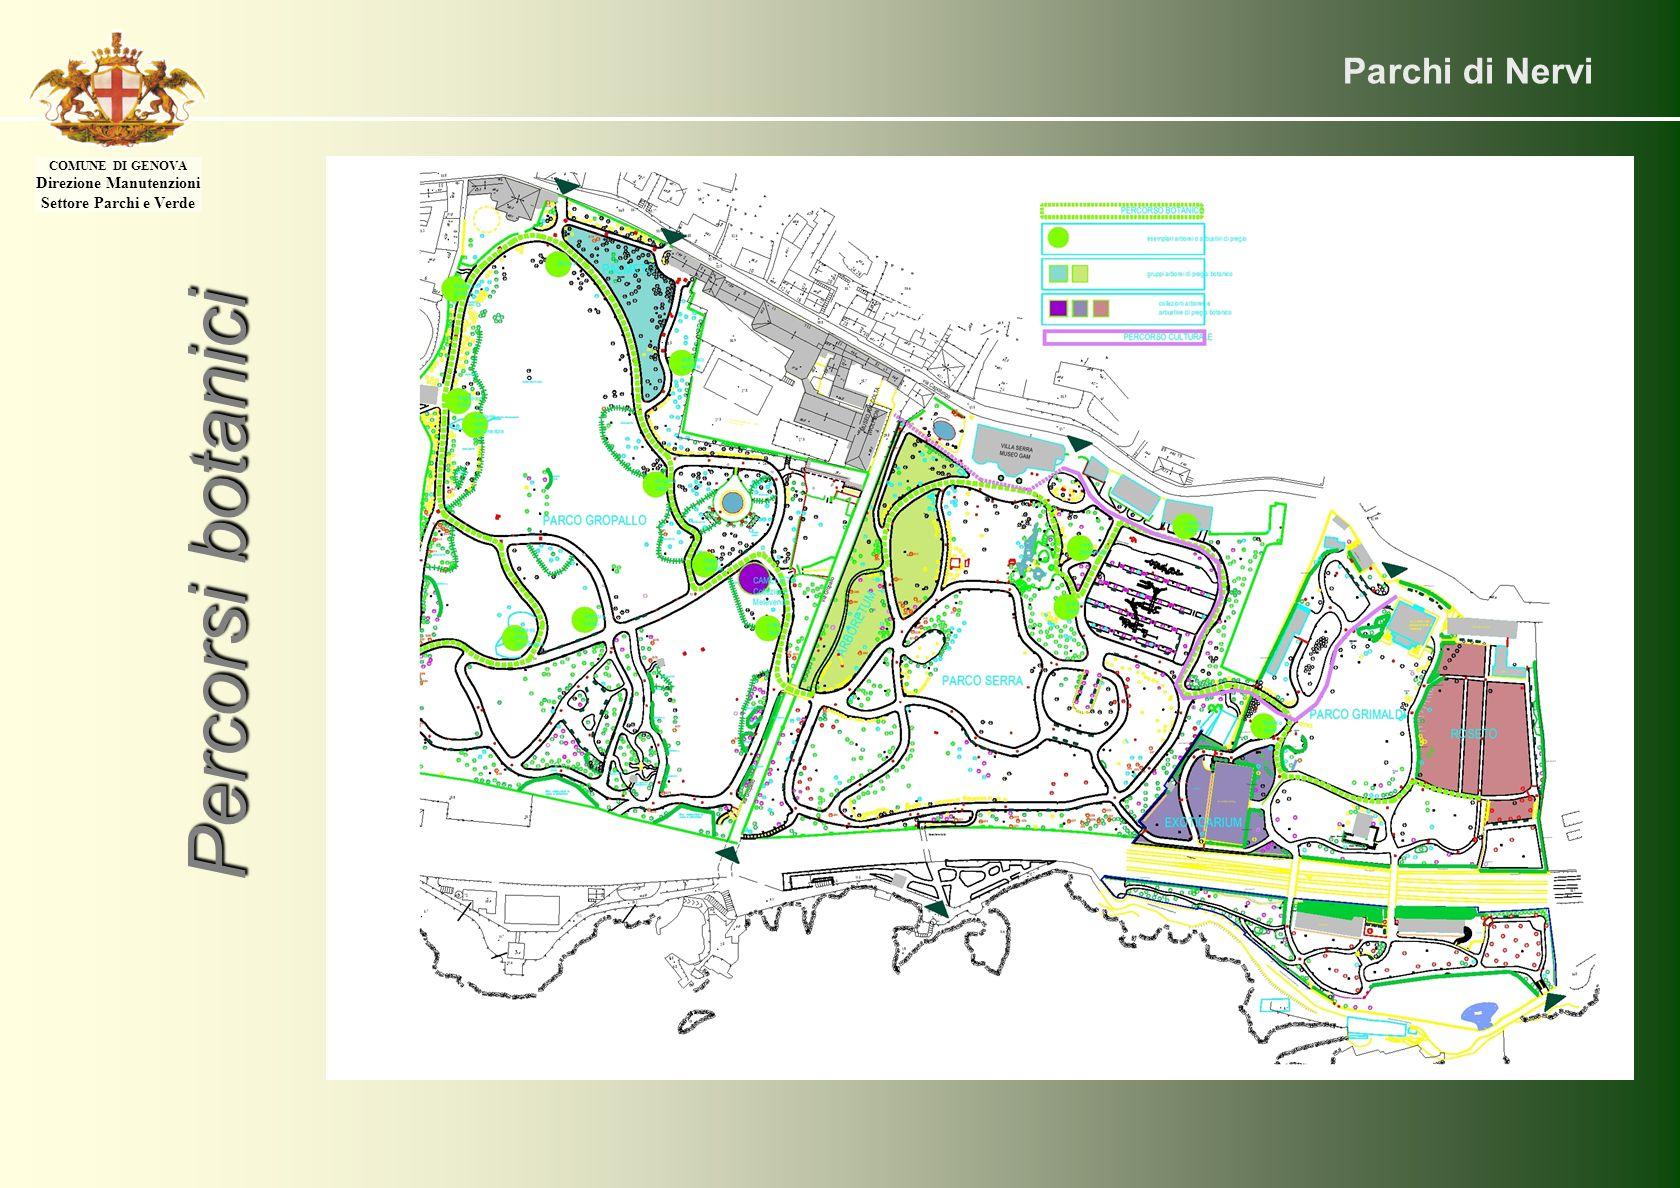 Parchi di Nervi Percorsi botanici COMUNE DI GENOVA Direzione Manutenzioni Settore Parchi e Verde